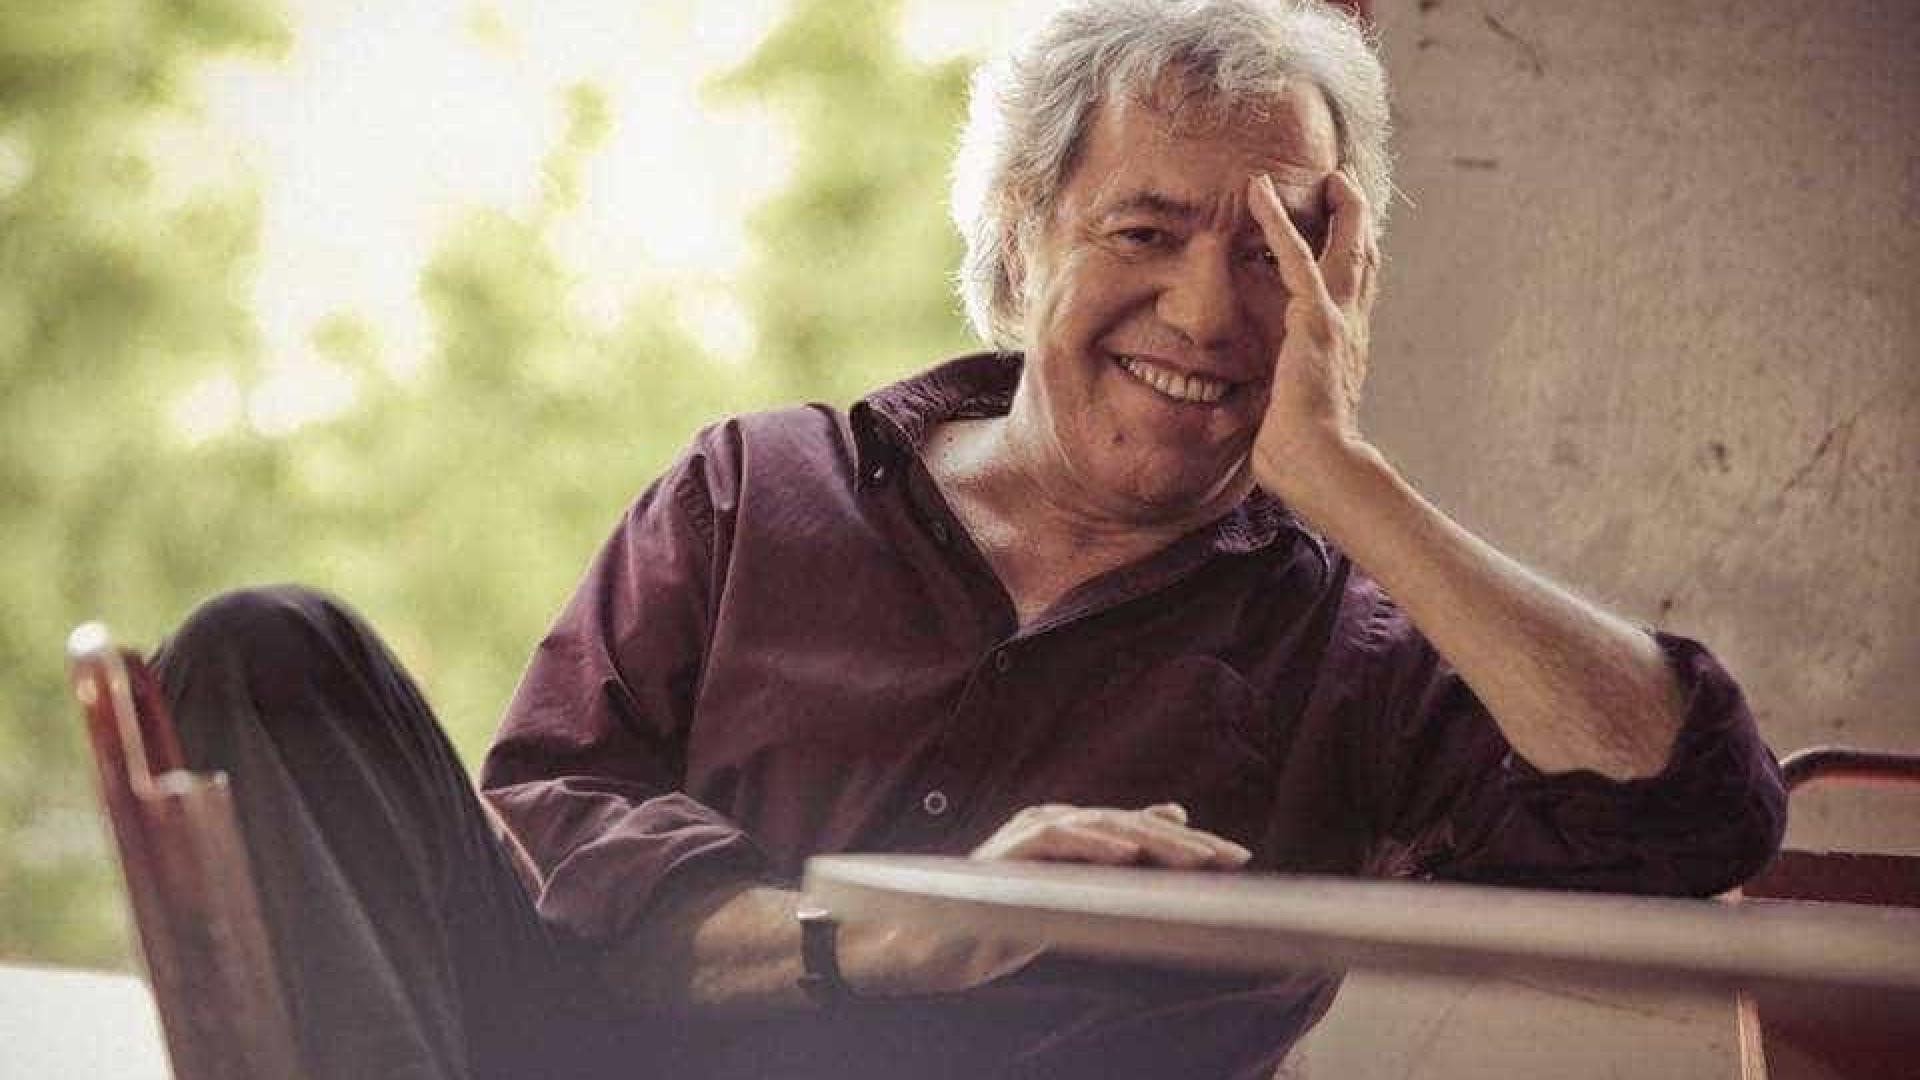 Grândola: Exposição sobre Sérgio Godinho e concerto com Tiago Bettencourt